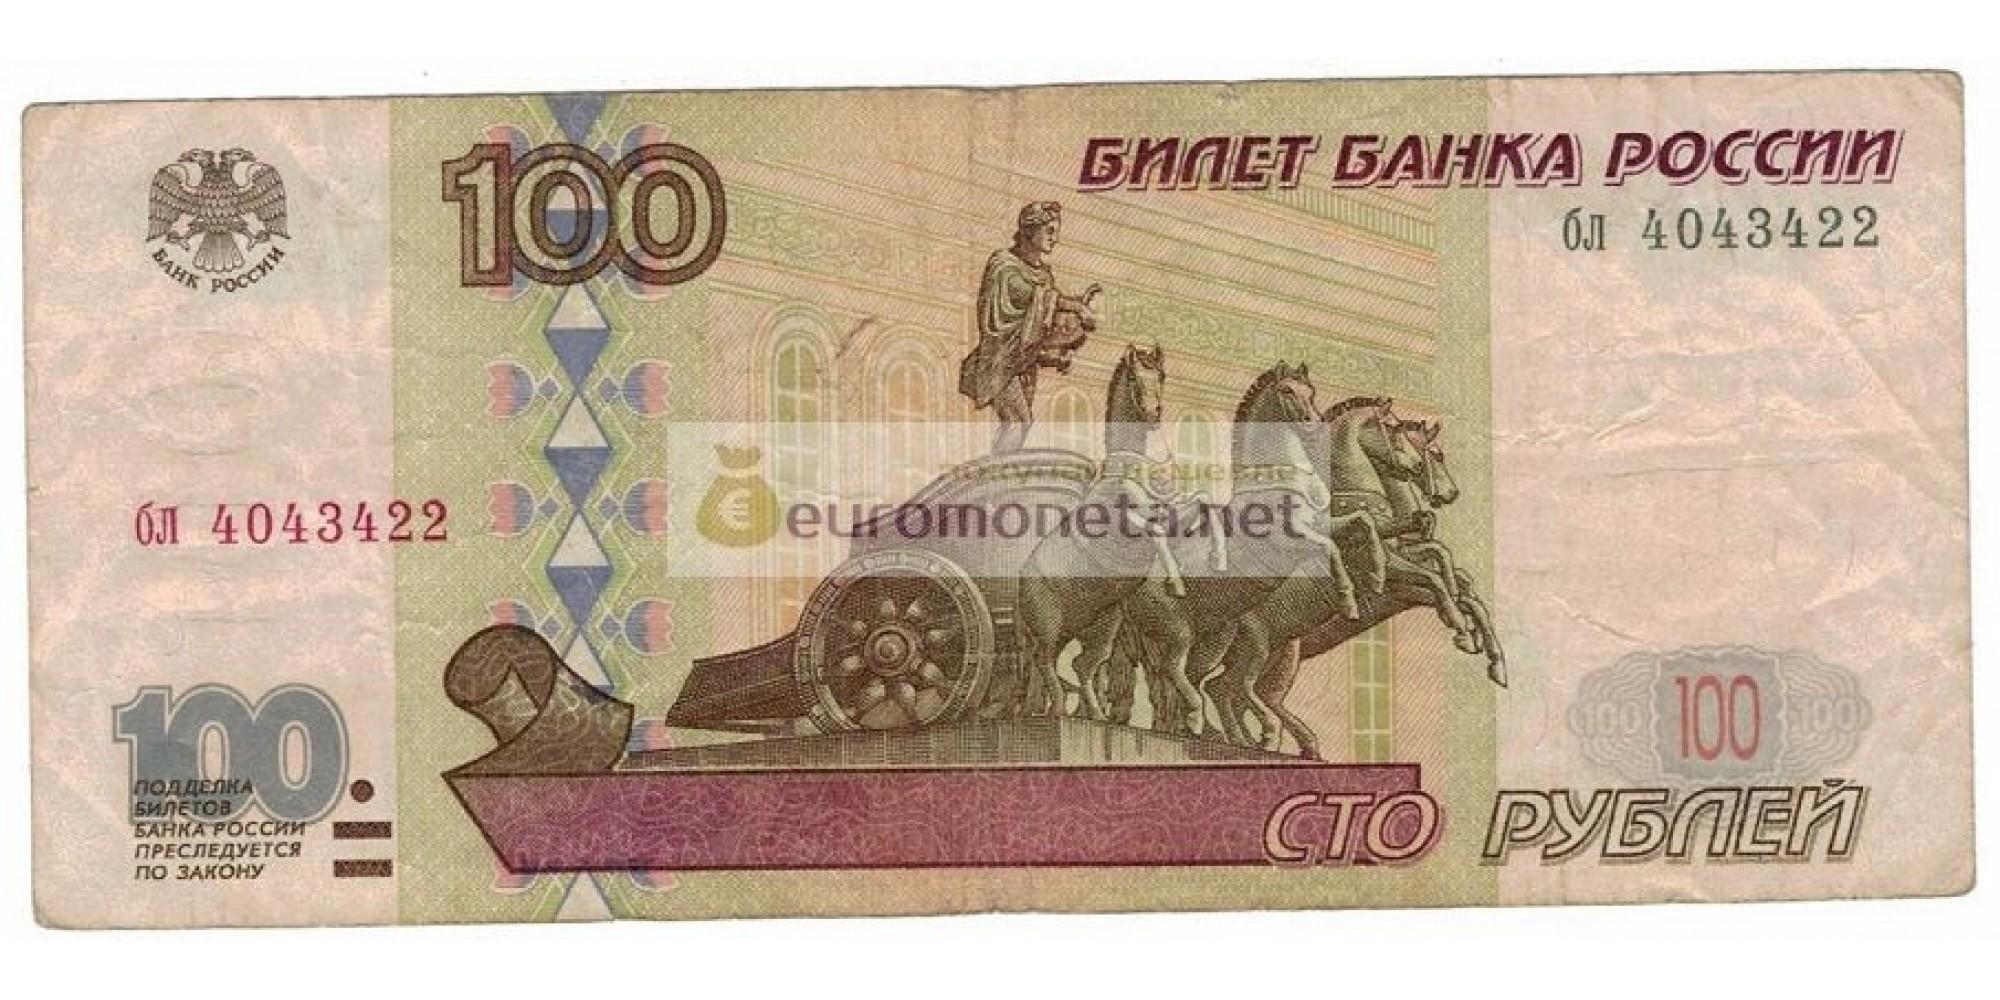 Россия 100 рублей 1997 год без модификации серия бл 4043422